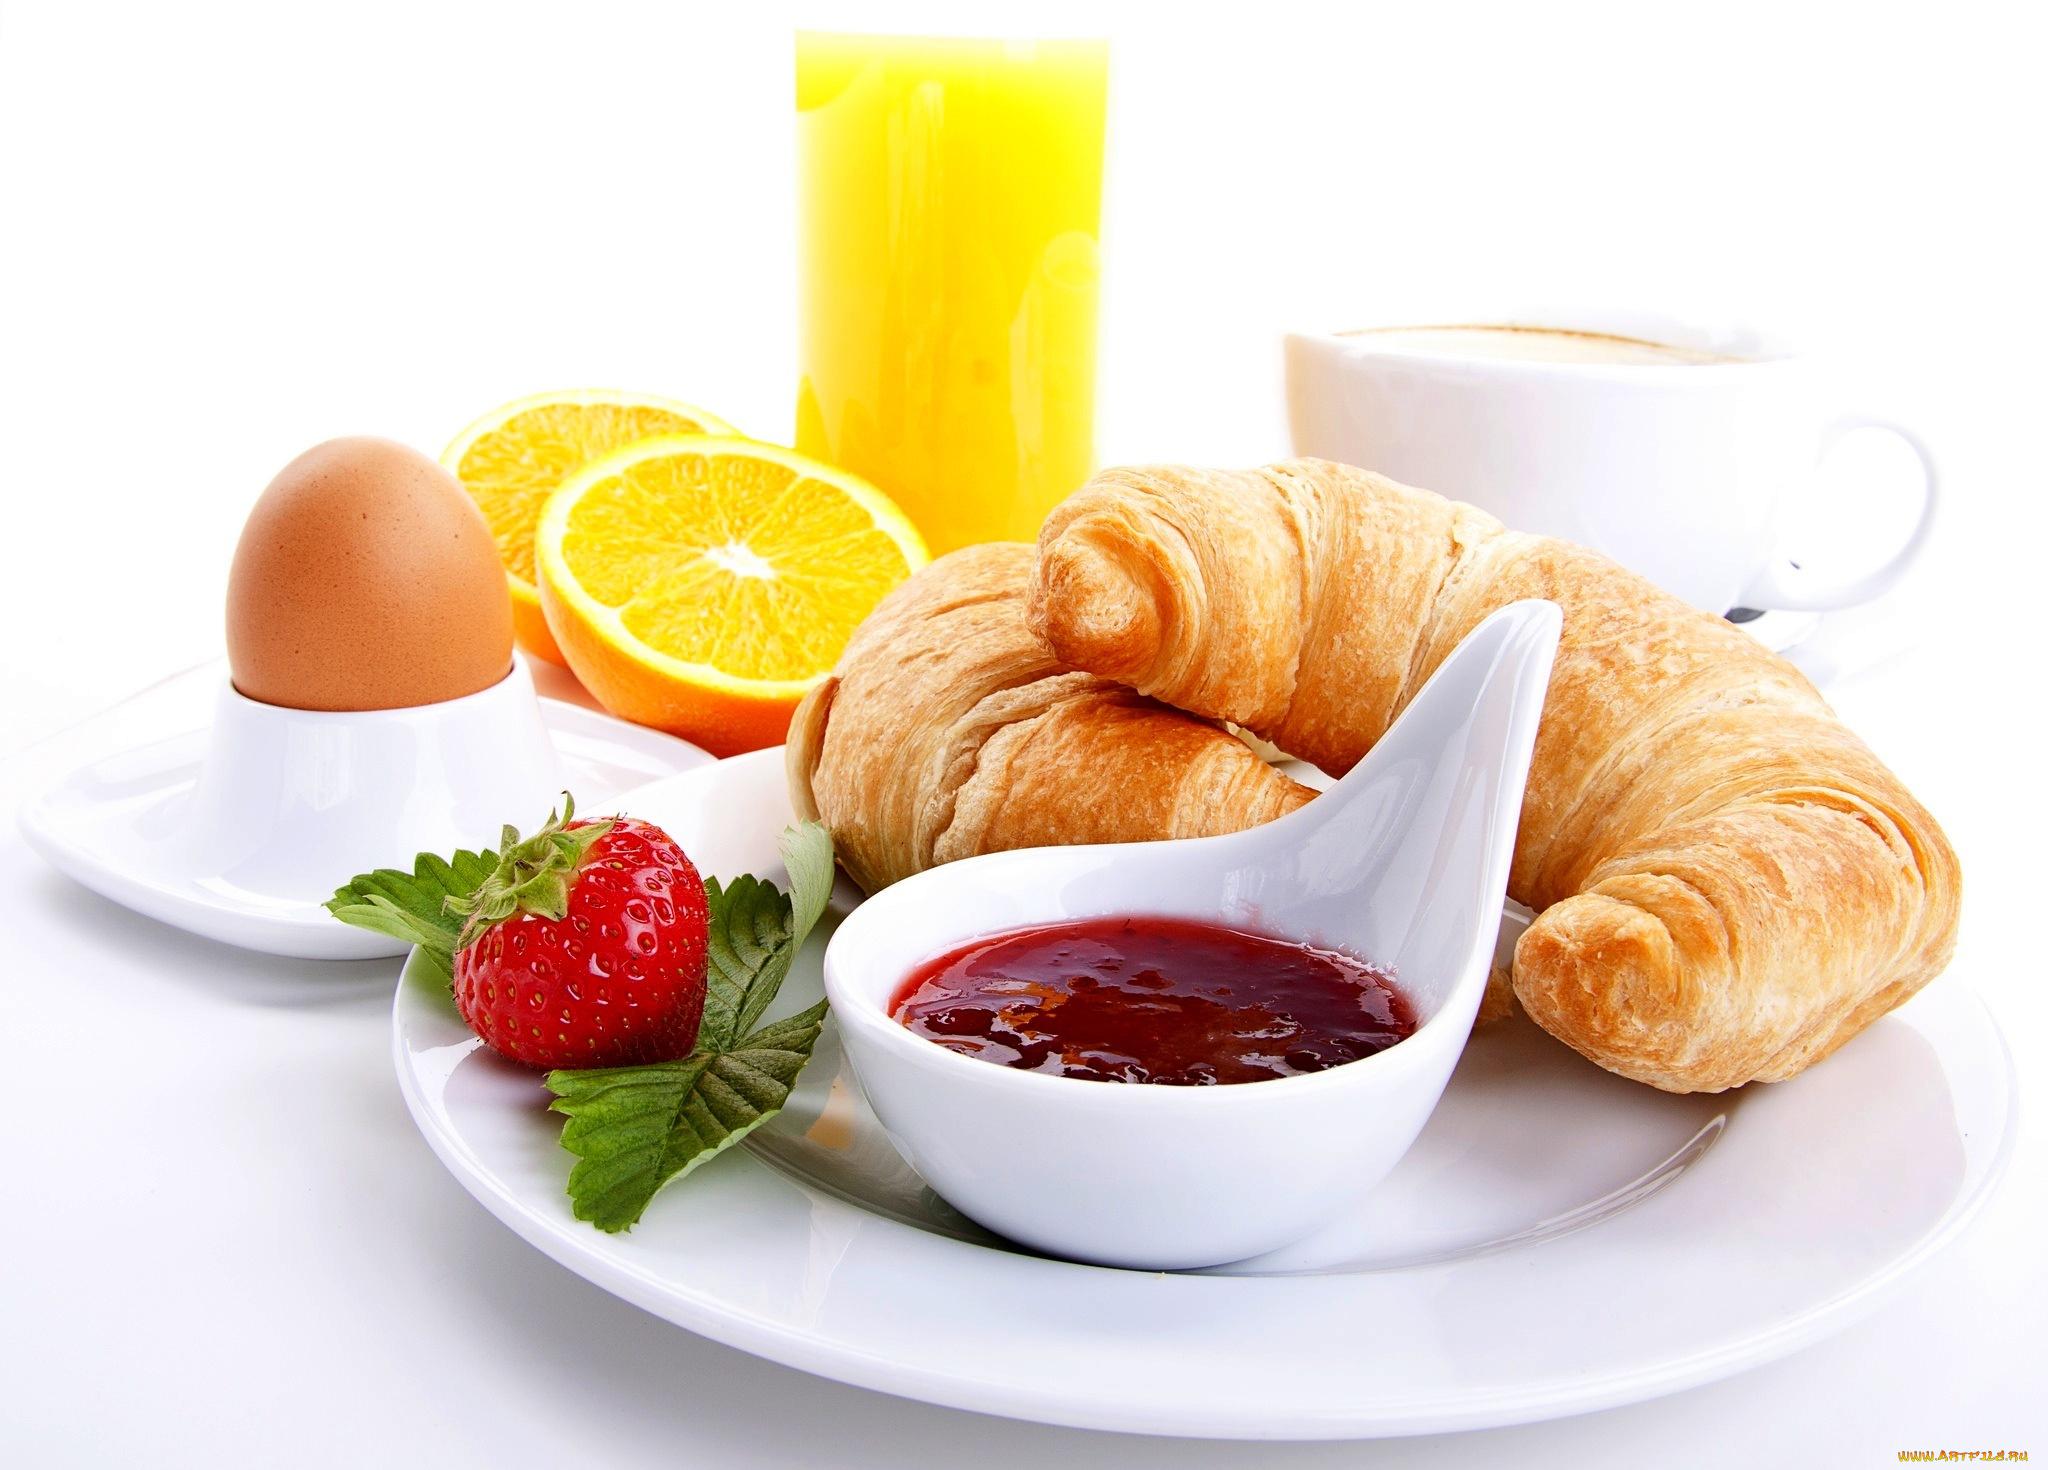 еда сок круасаны яйцо фрукты салат food juice croissants egg fruit salad скачать